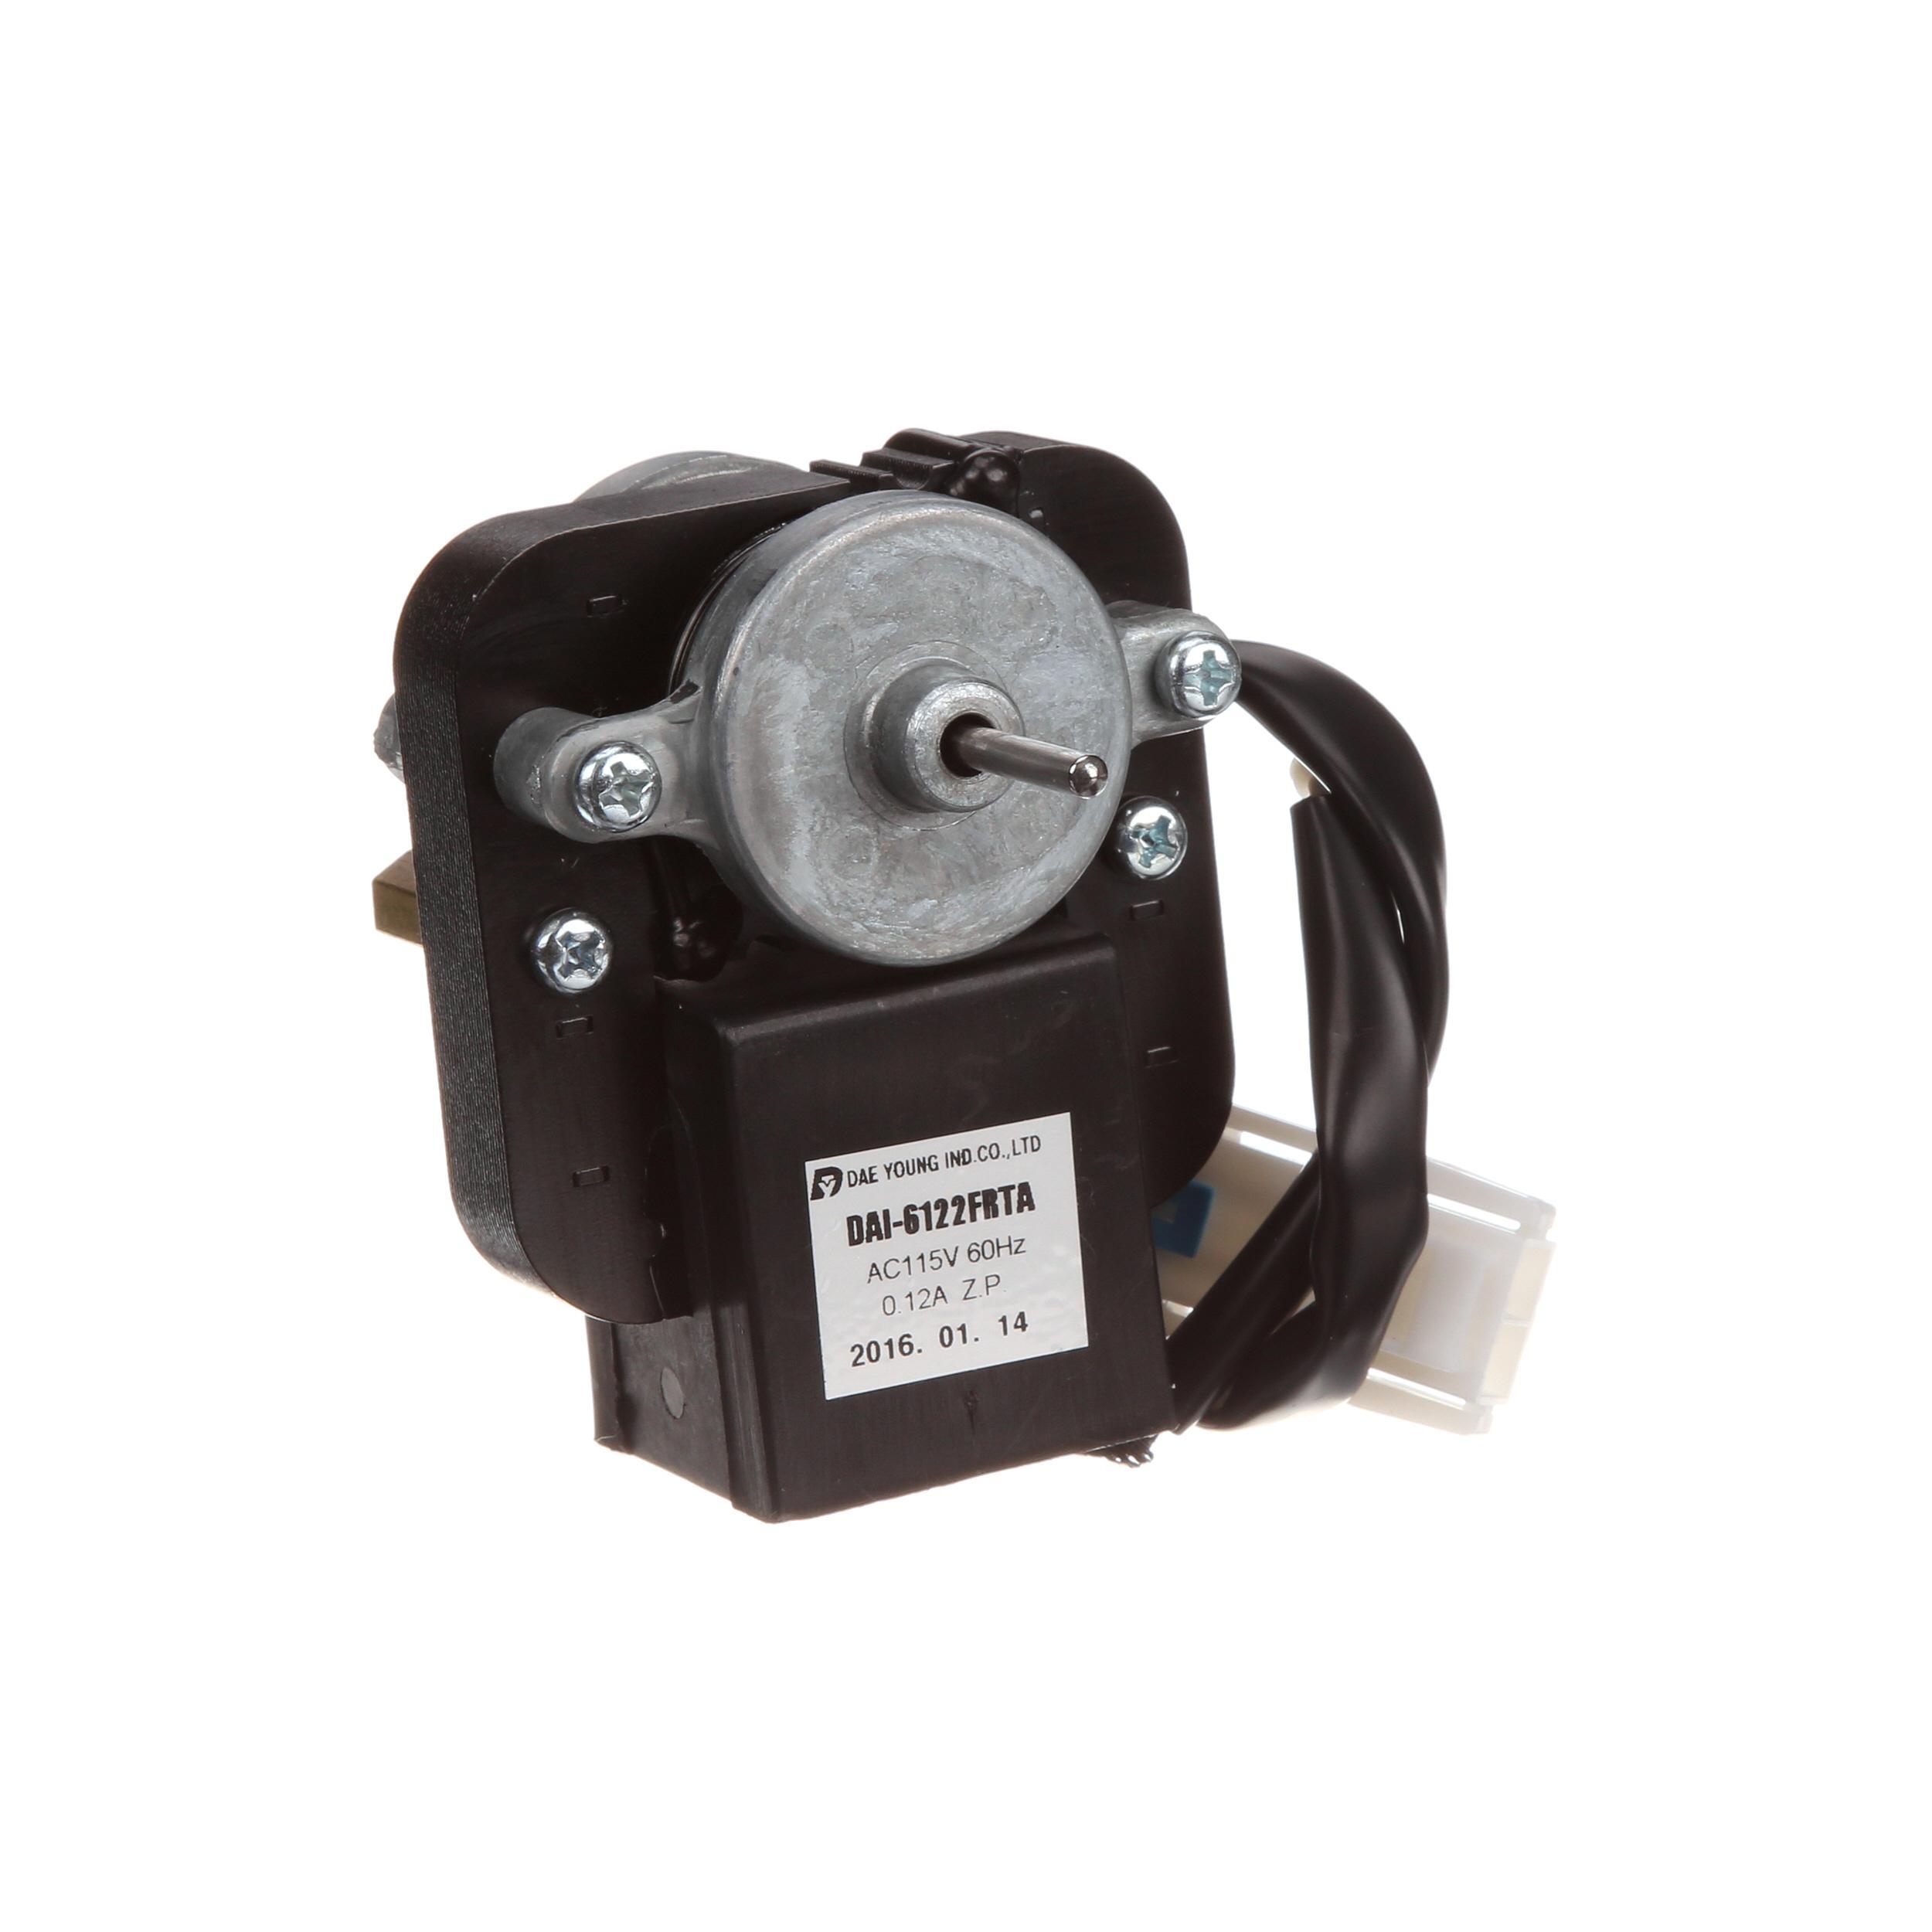 NOR-LAKE FT-EVAP FAN MOTOR F0140C020